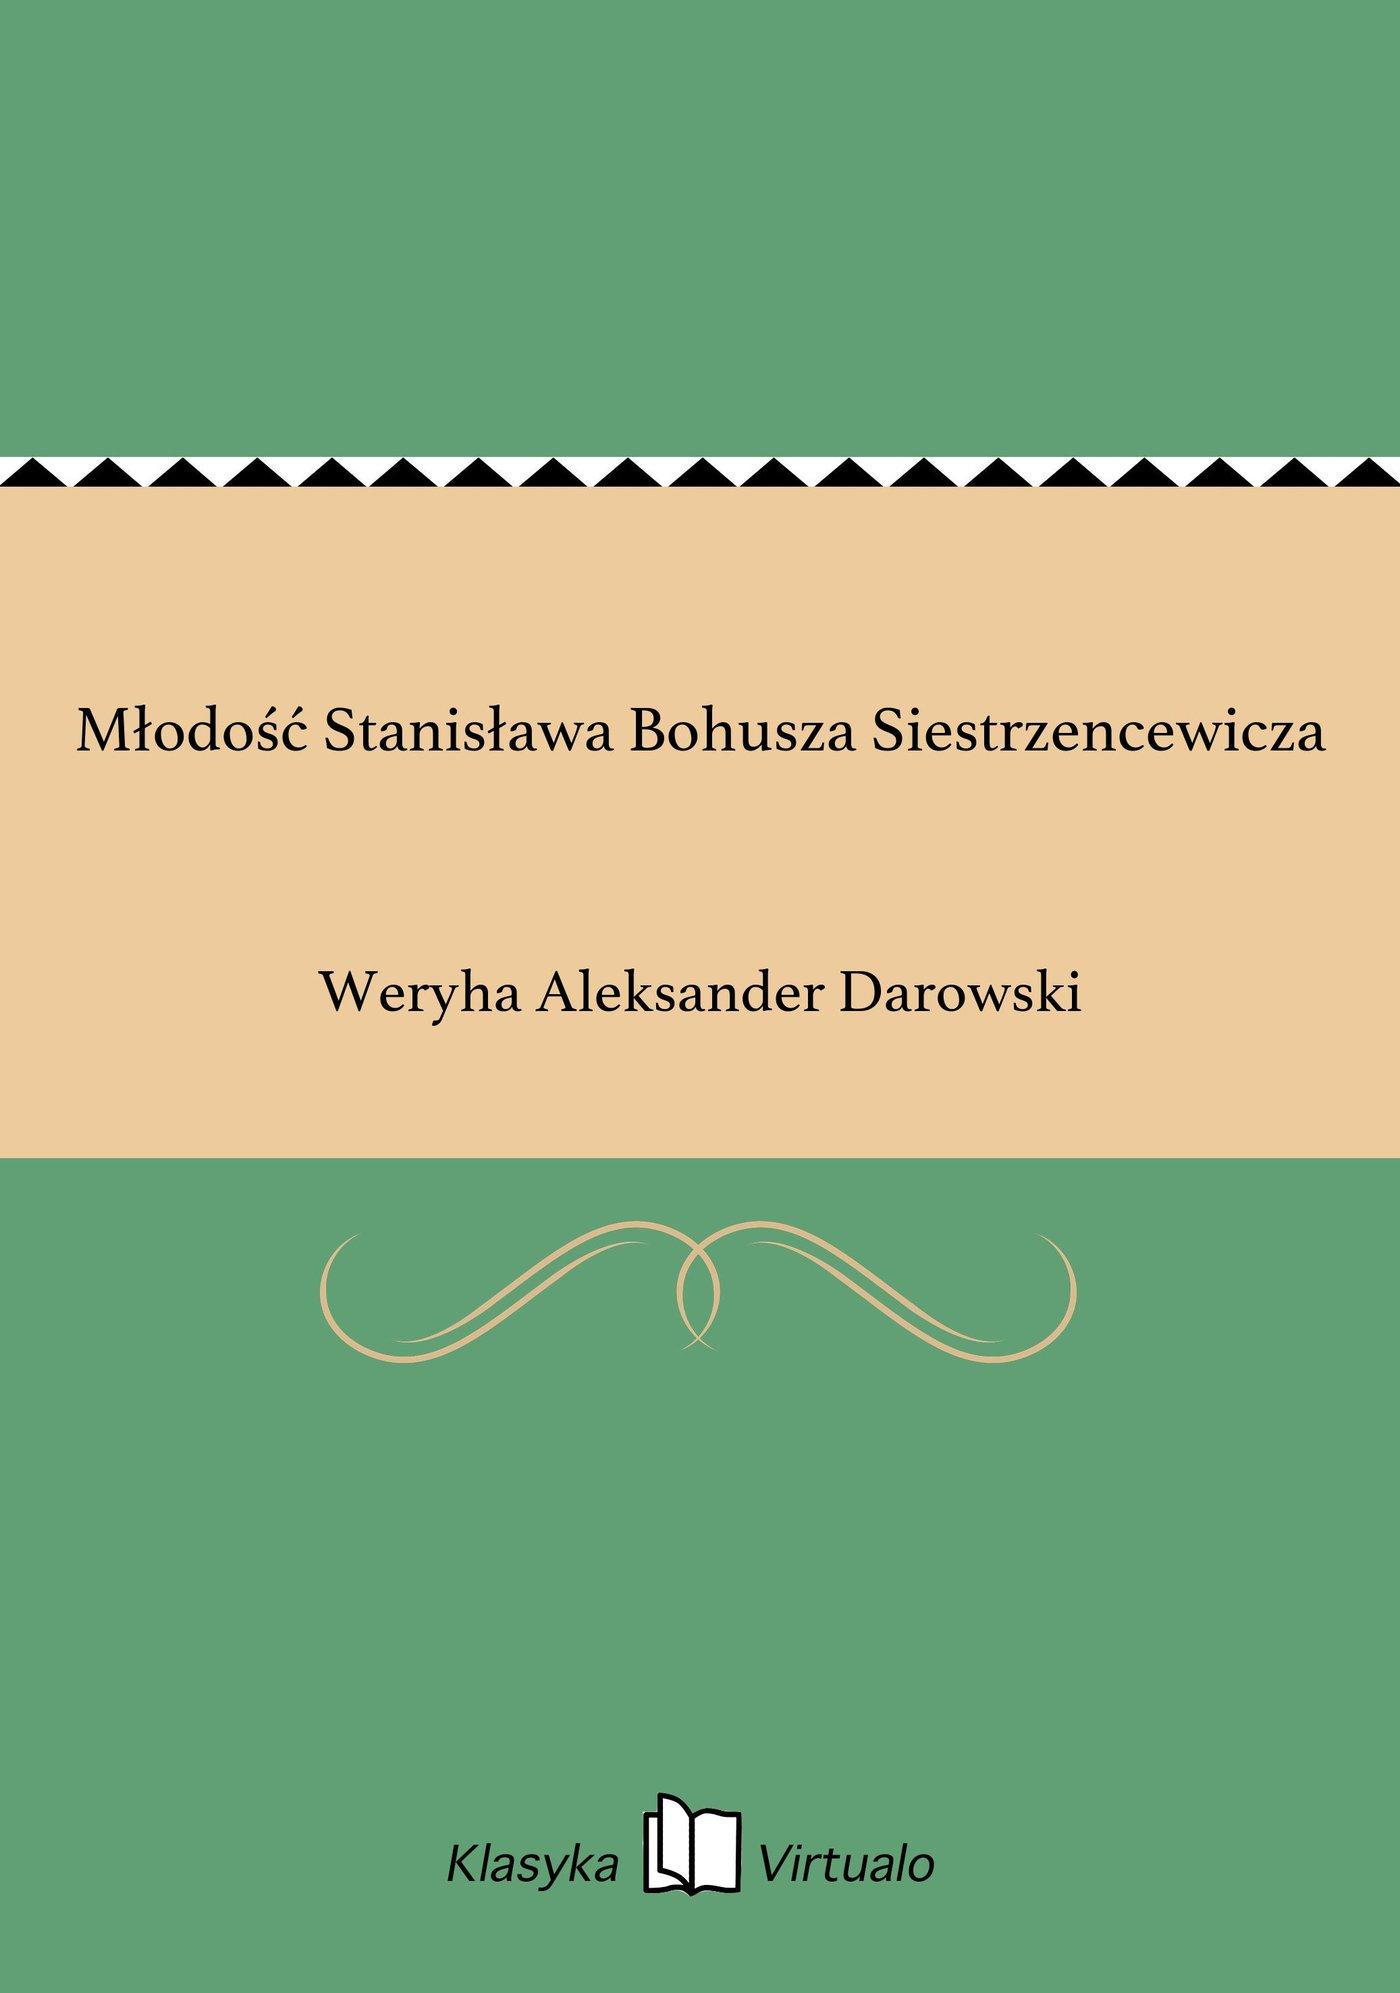 Młodość Stanisława Bohusza Siestrzencewicza - Ebook (Książka EPUB) do pobrania w formacie EPUB